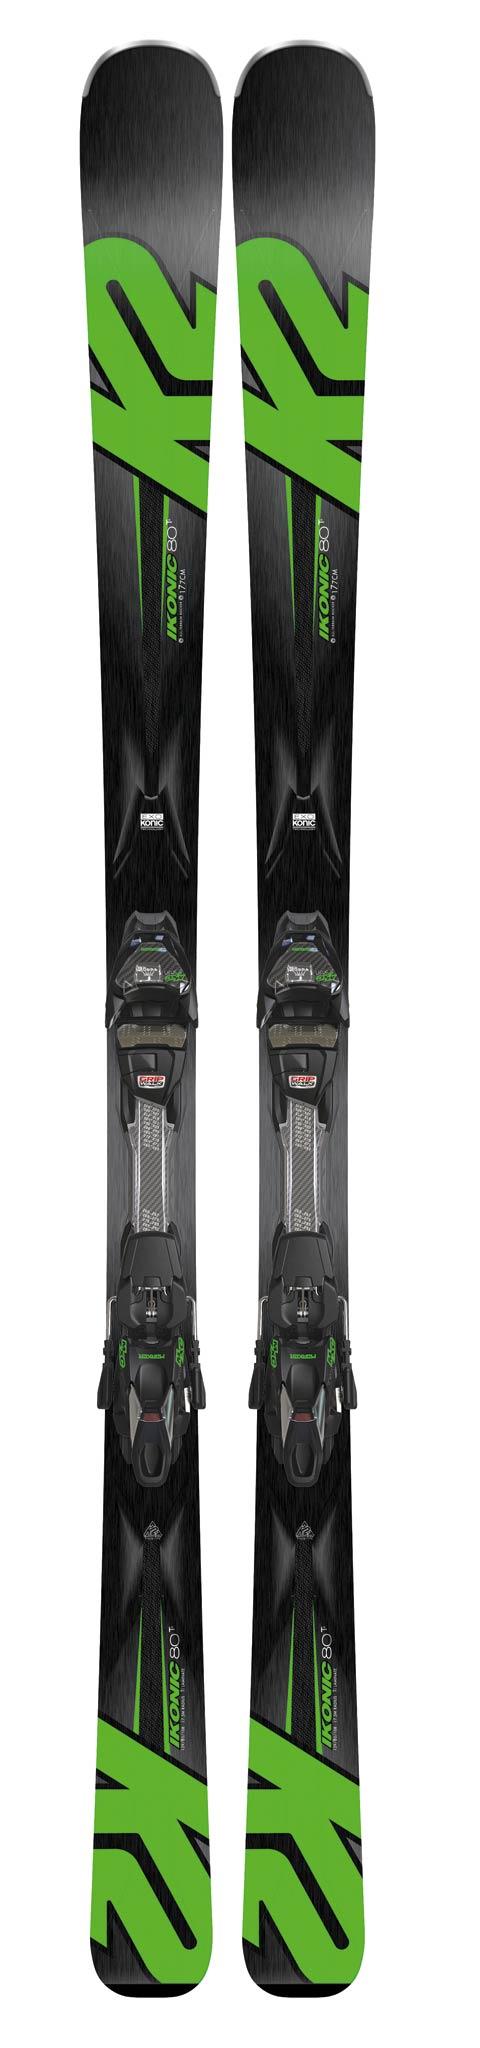 Das zweite der beiden Top-Modelle der neuen Reihe: Der K2 iKonic 80 Ti